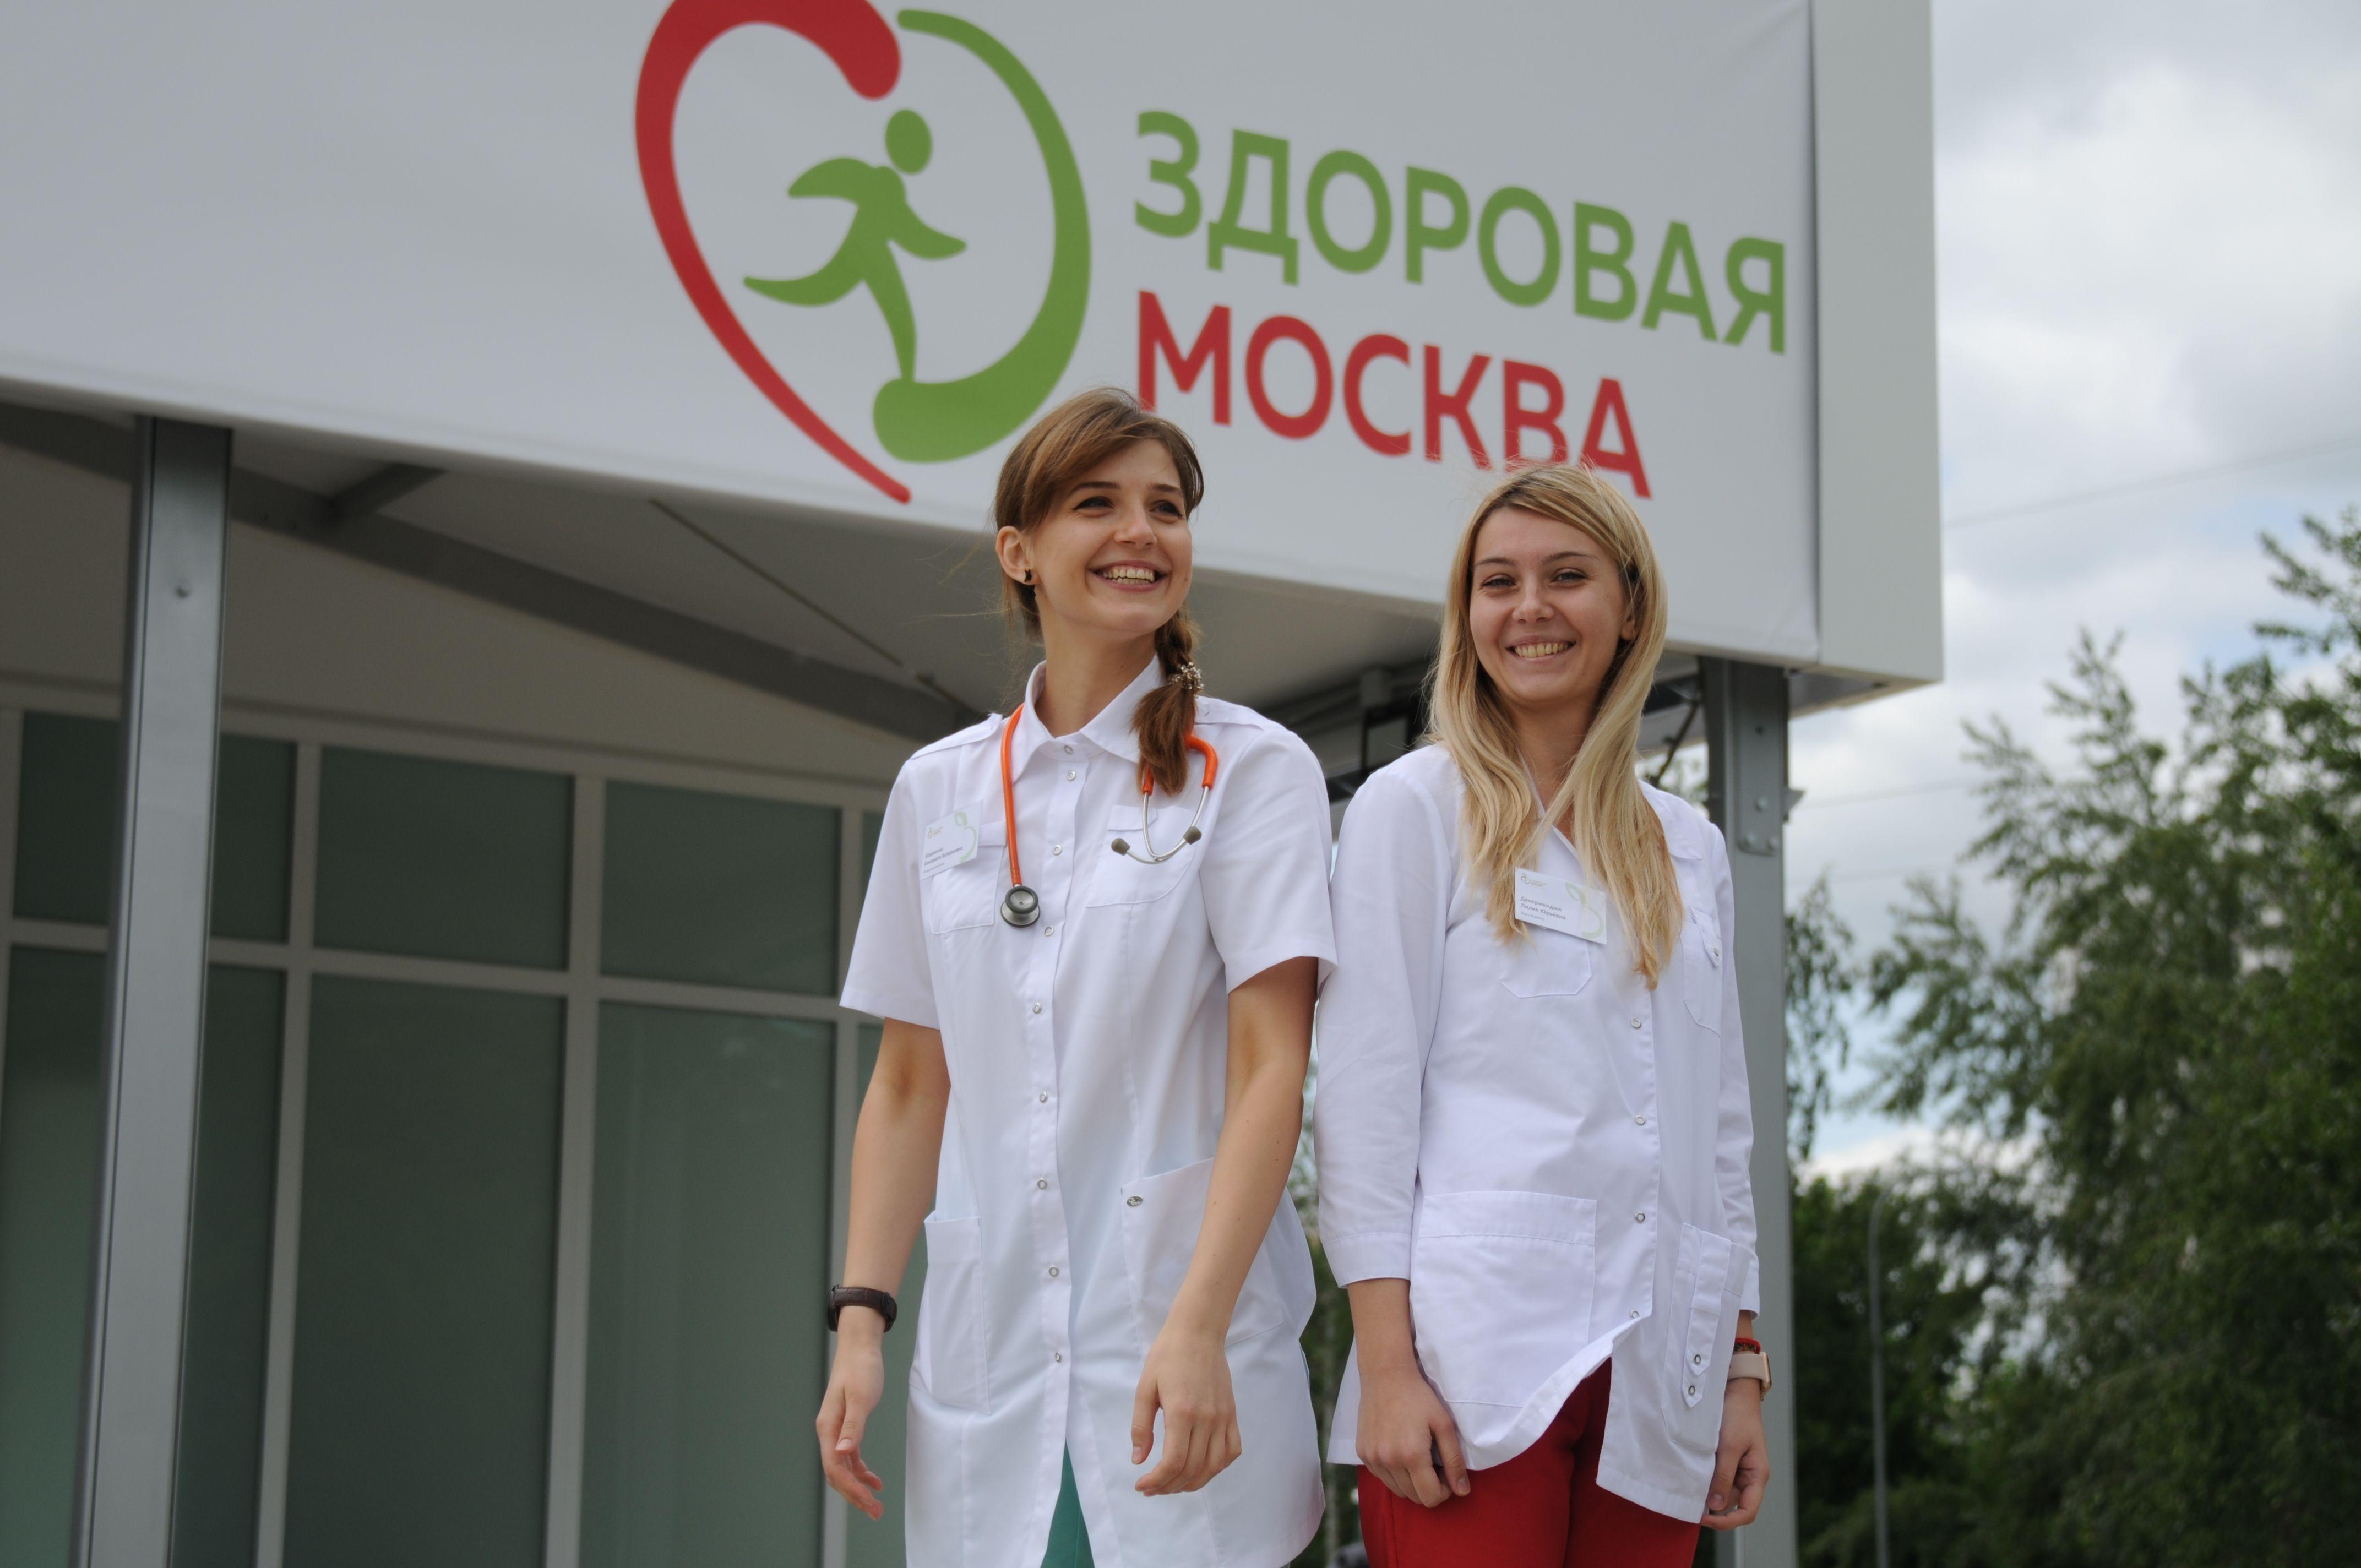 Павильоны «Здоровая Москва» приняли более 100 тысяч человек